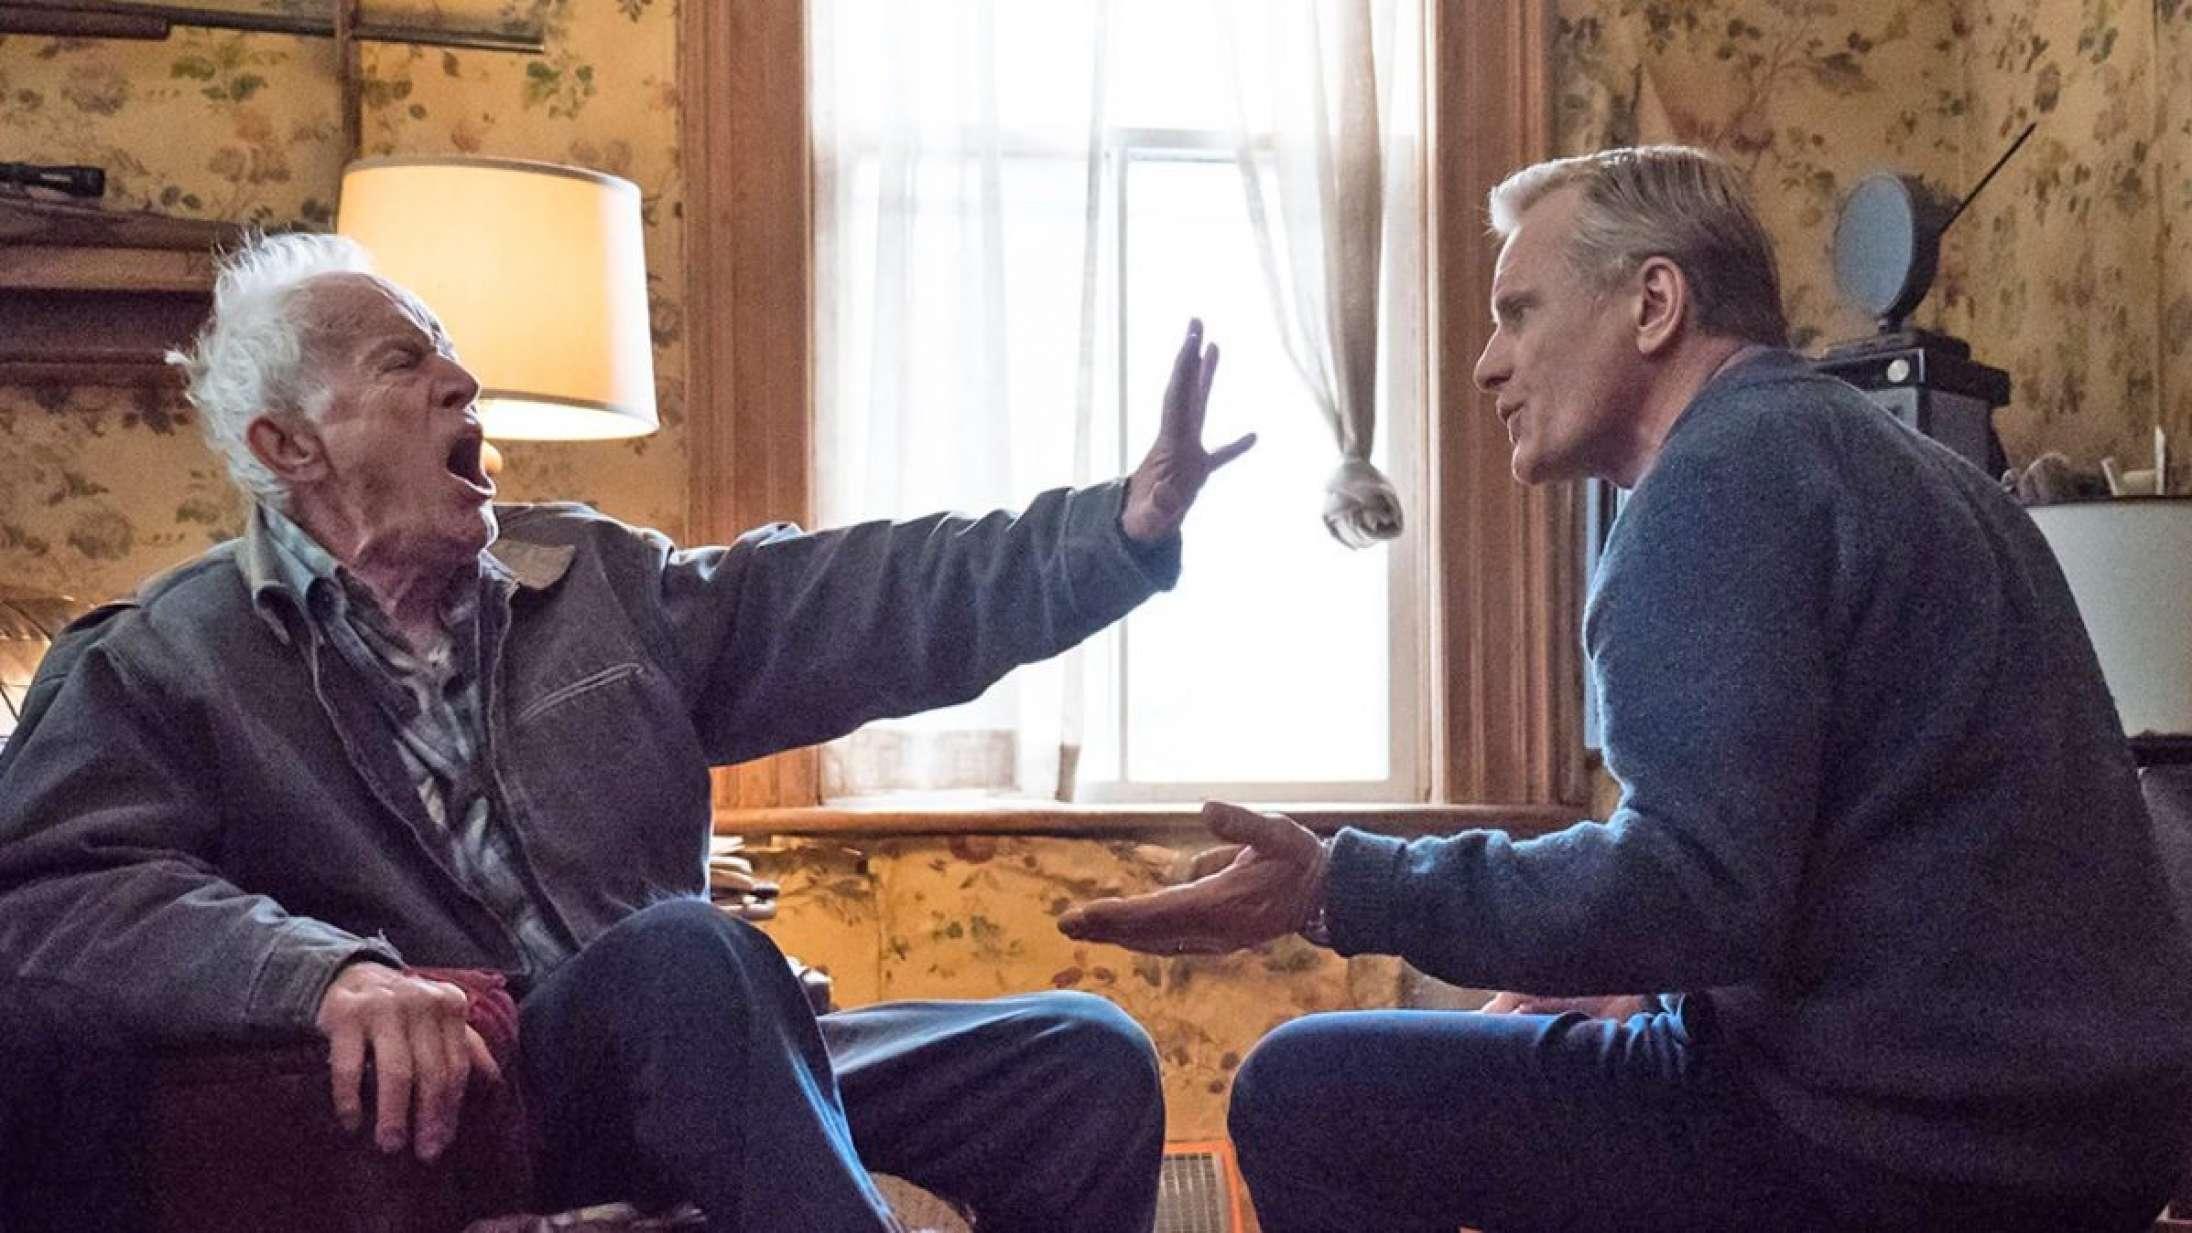 'Falling': Rablende bedstefar skælder ud på alt og alle i Viggo Mortensens intime instruktørdebut